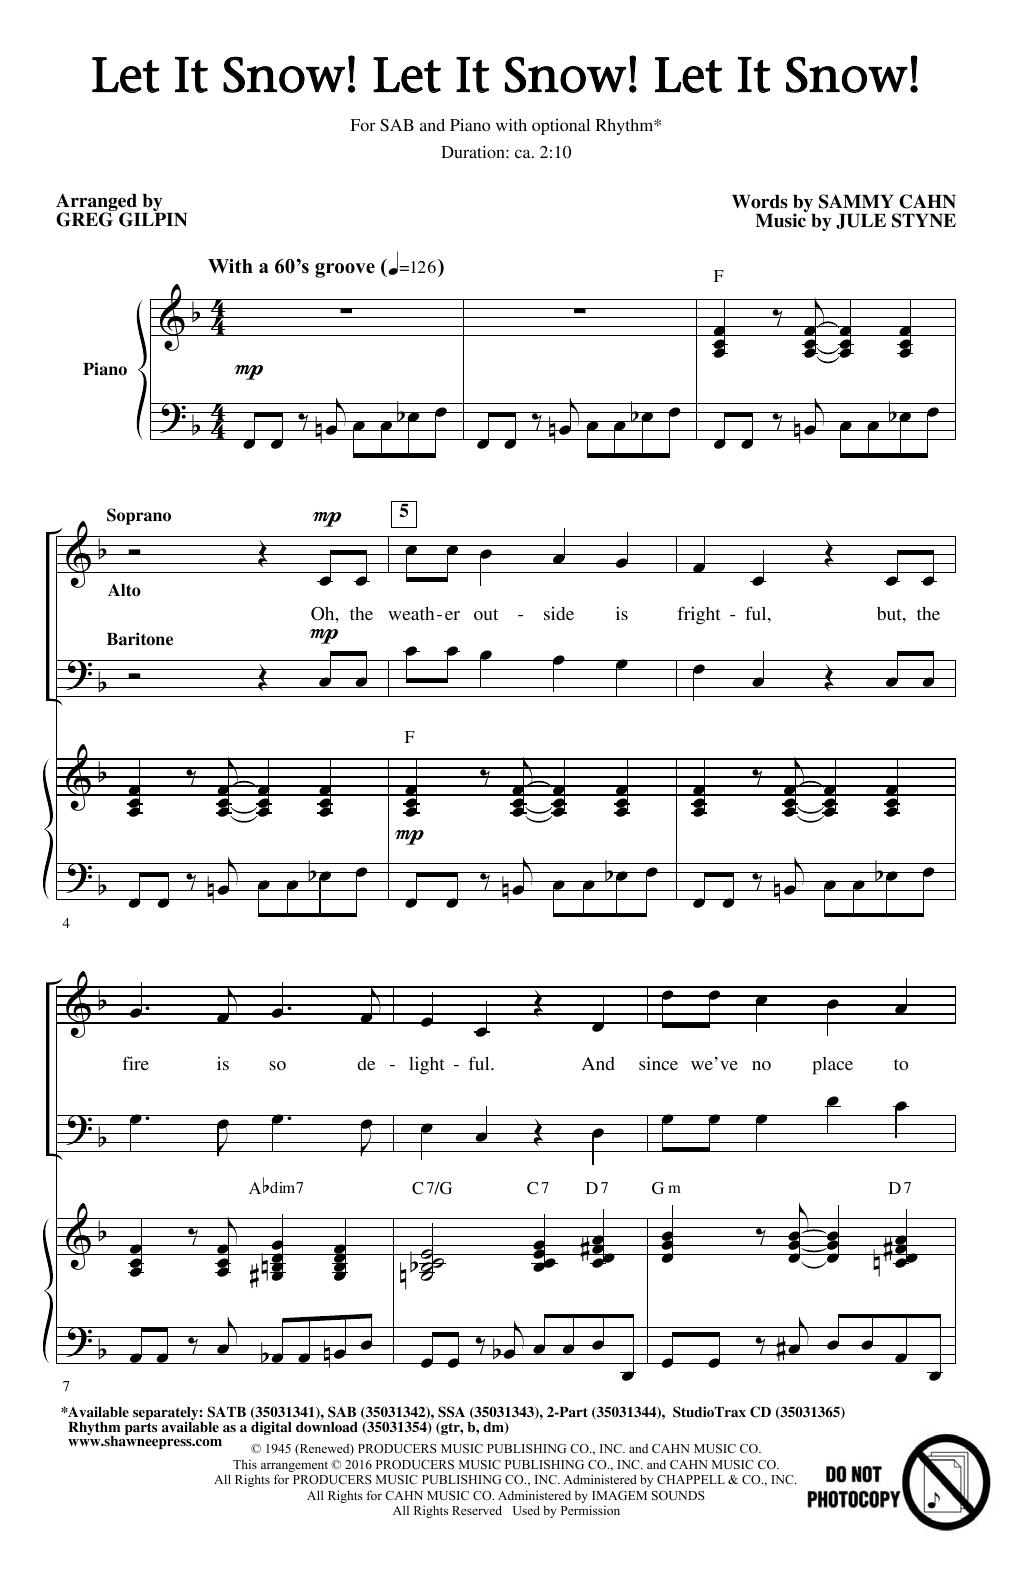 Partition chorale Let It Snow! Let It Snow! Let It Snow! de Greg Gilpin - SAB